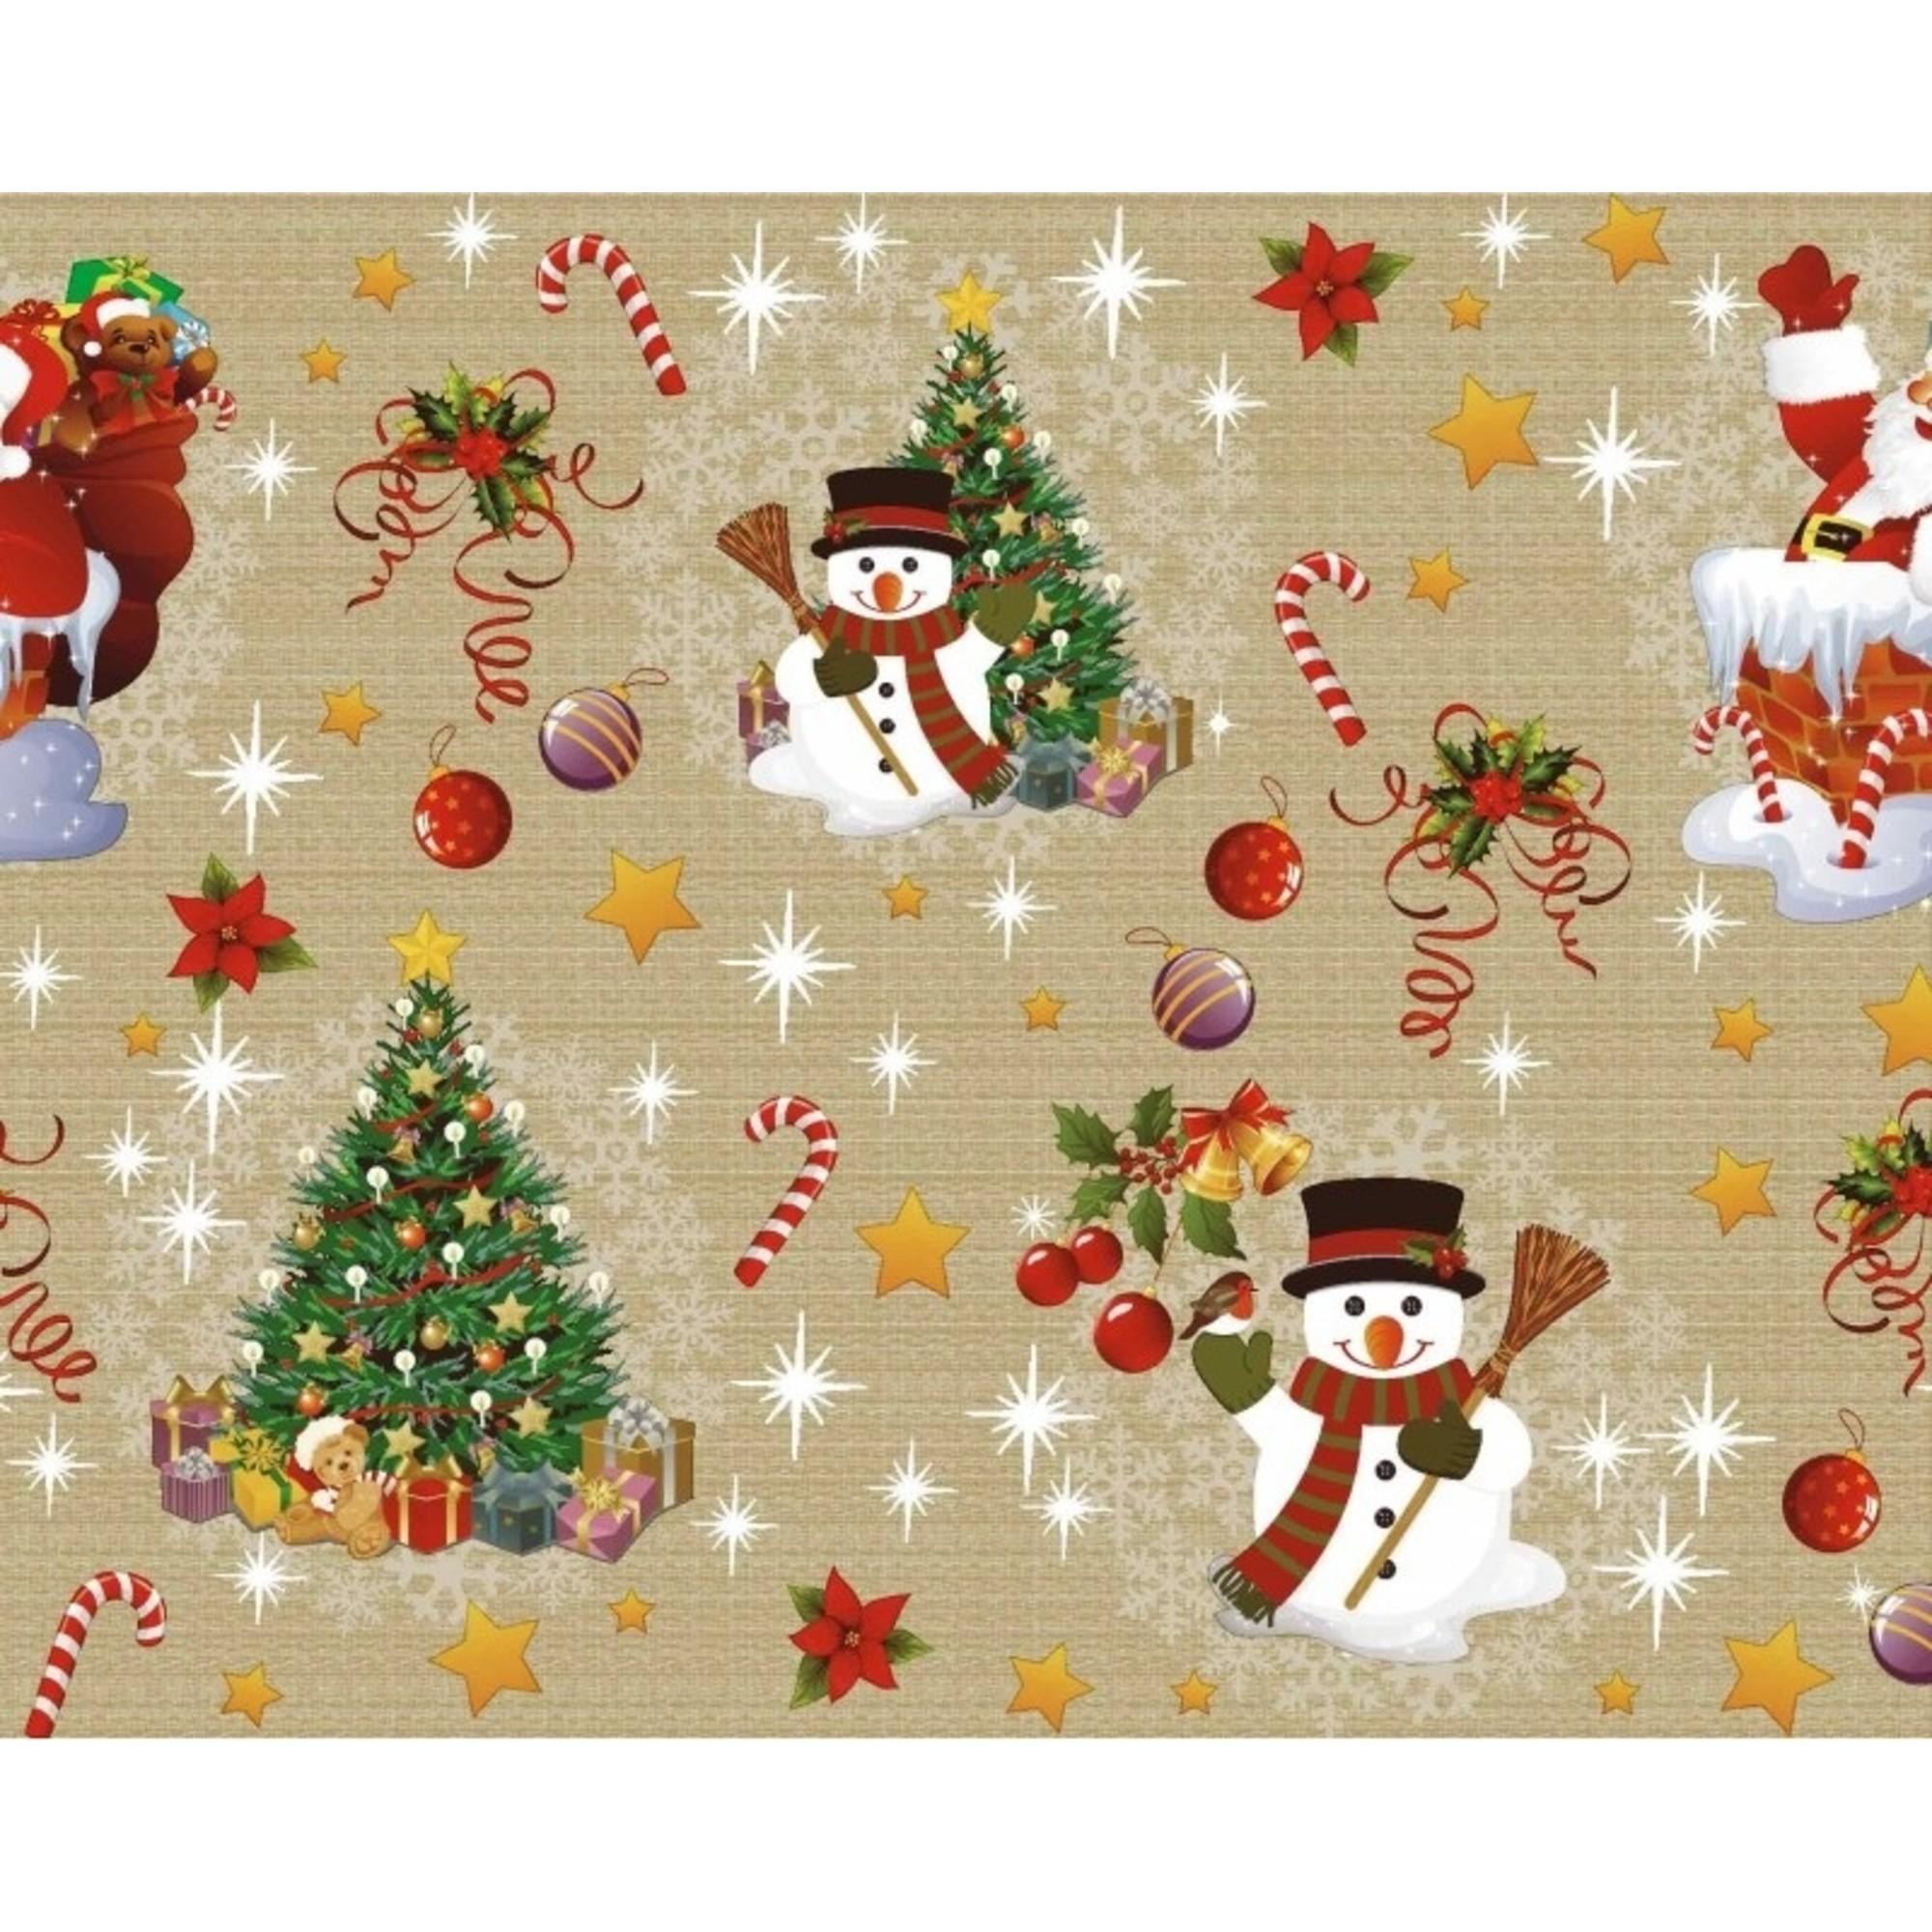 Mijn Afbeeldingen Kerst.Tafelzeil Kerst Goud Superwoonwinkel Nl